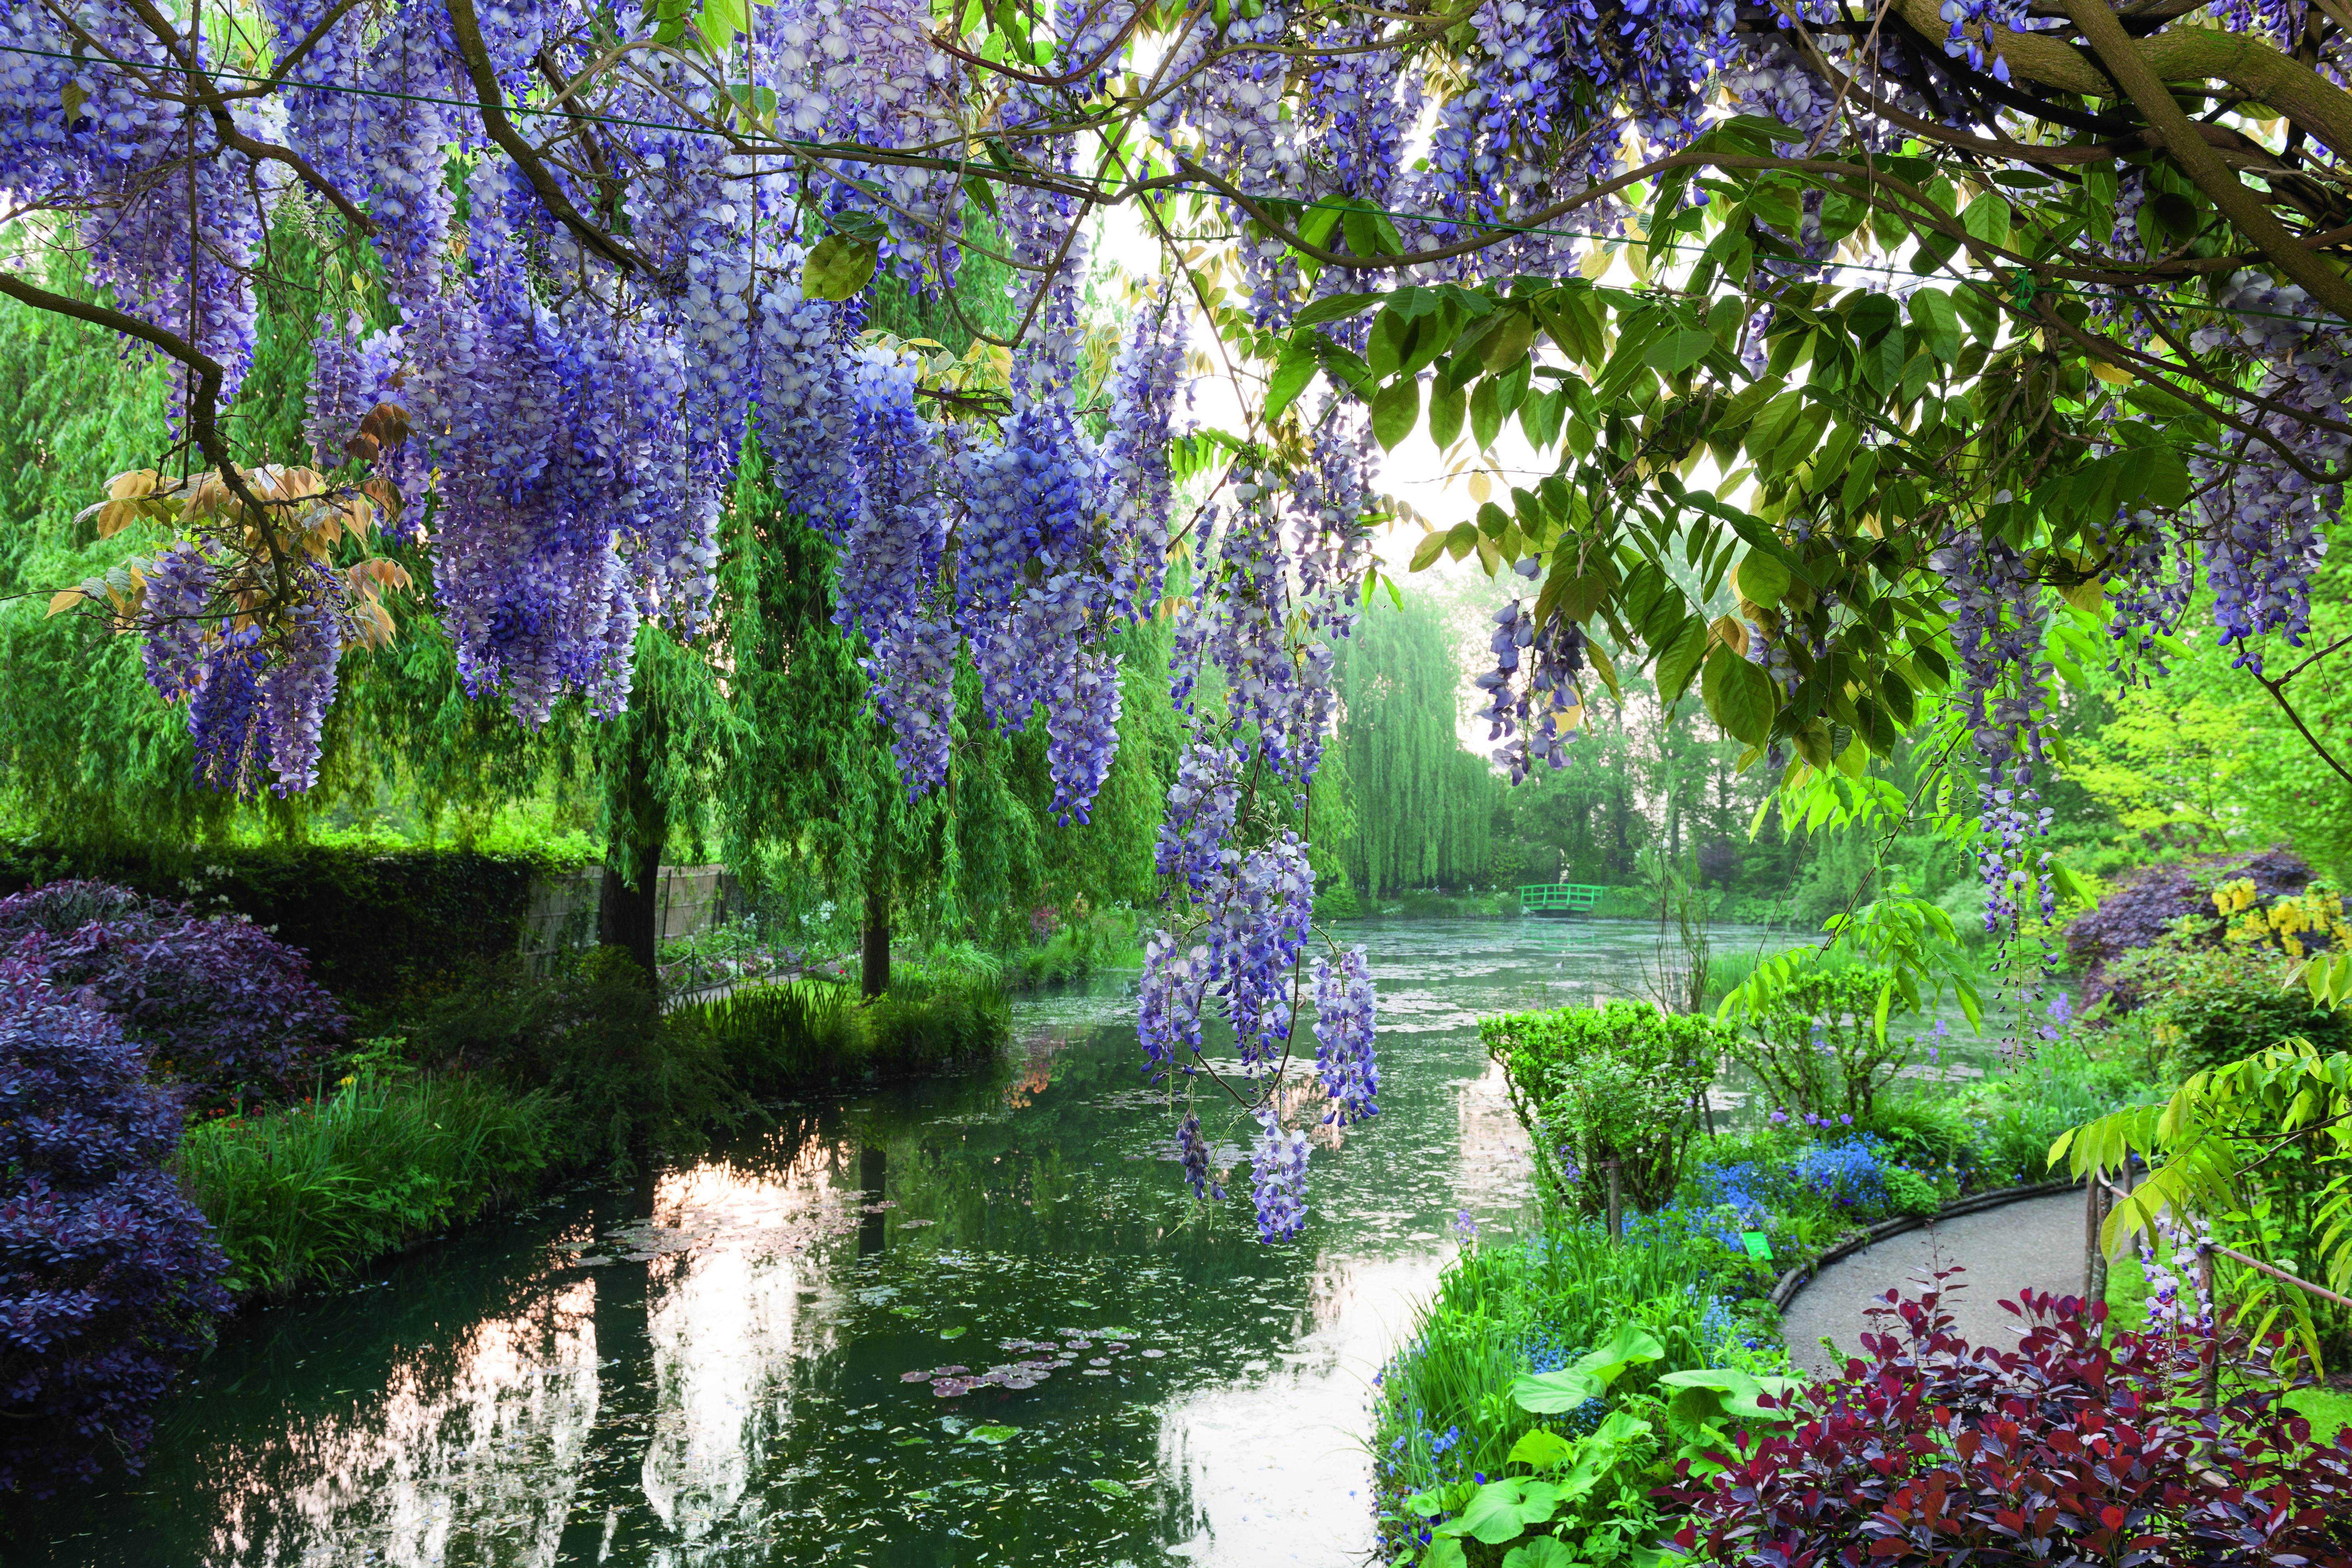 Das Paradies Liegt Nordwestlich Von Paris Claude Monets Garten In Giverny